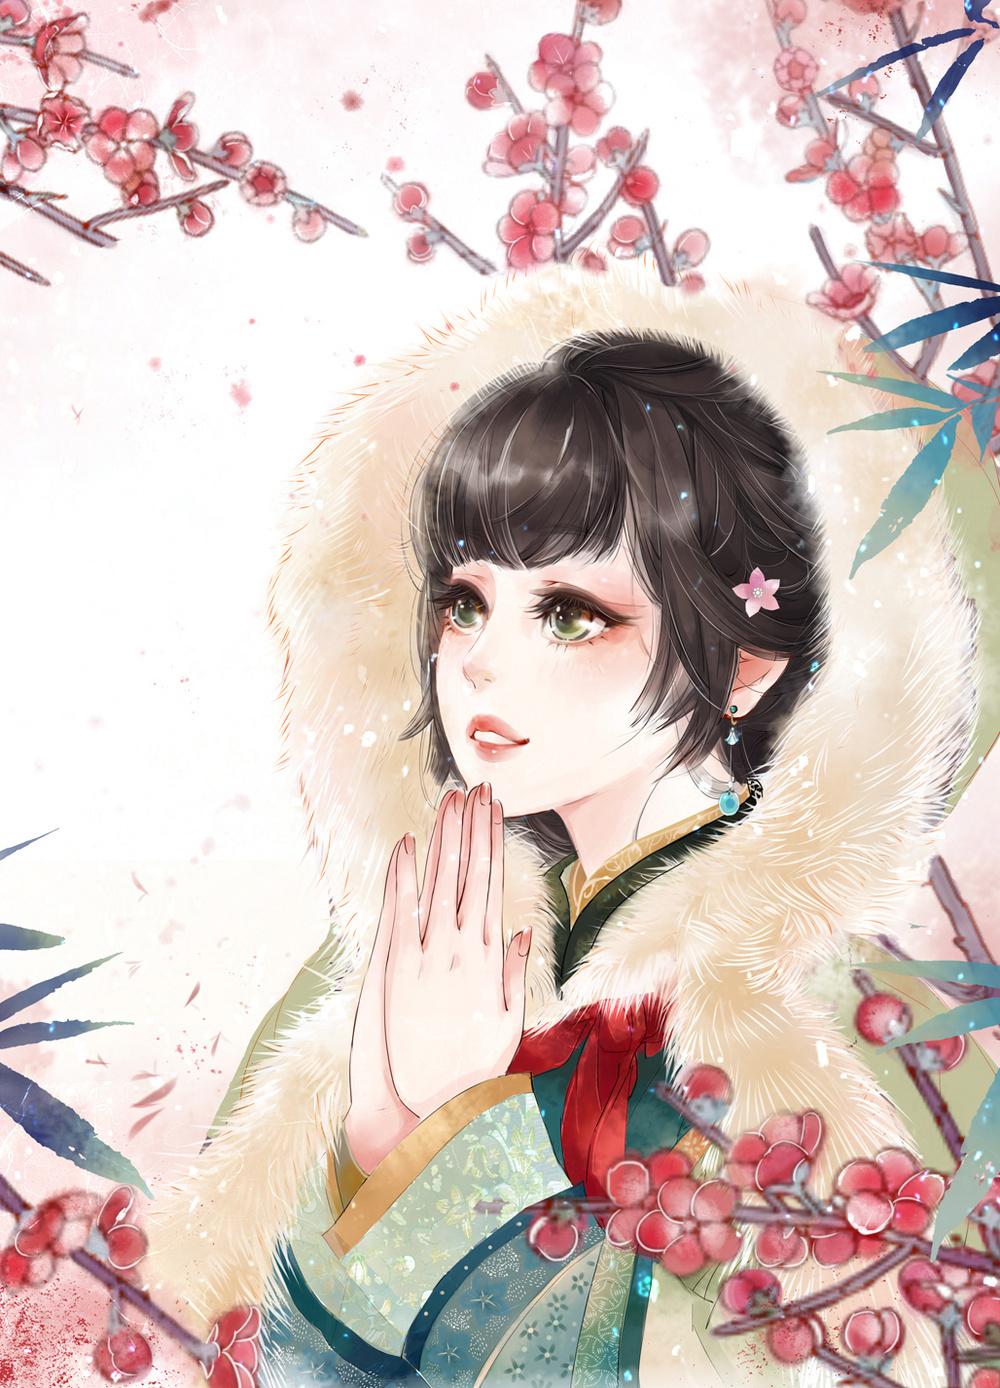 古风唯美手绘画,气质高雅,神采奕奕的古风美人!